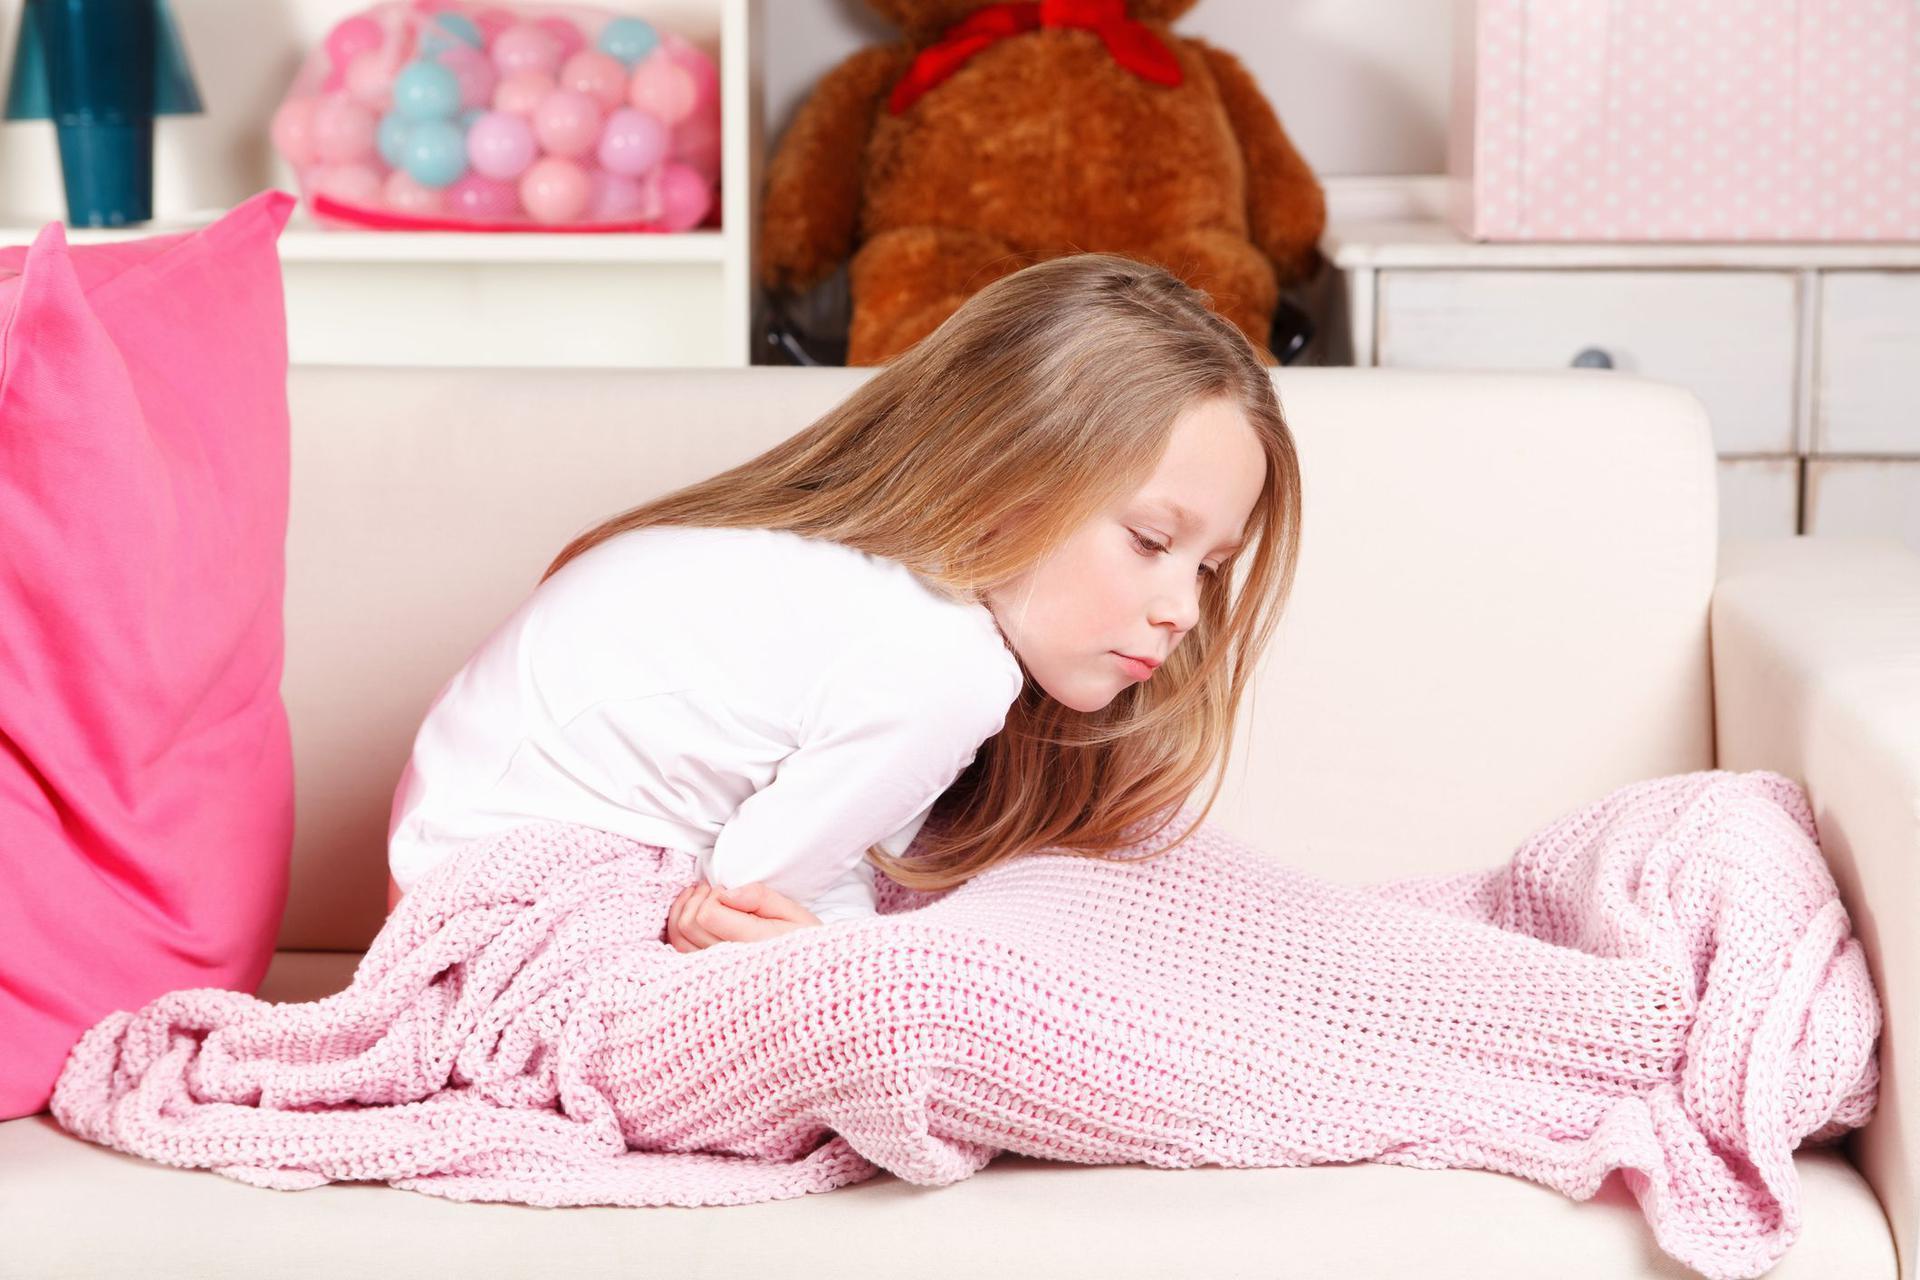 Πρώτη περίοδος πριν τα 10 :Οι αρνητικές επιπτώσεις στην υγεία των παιδιών